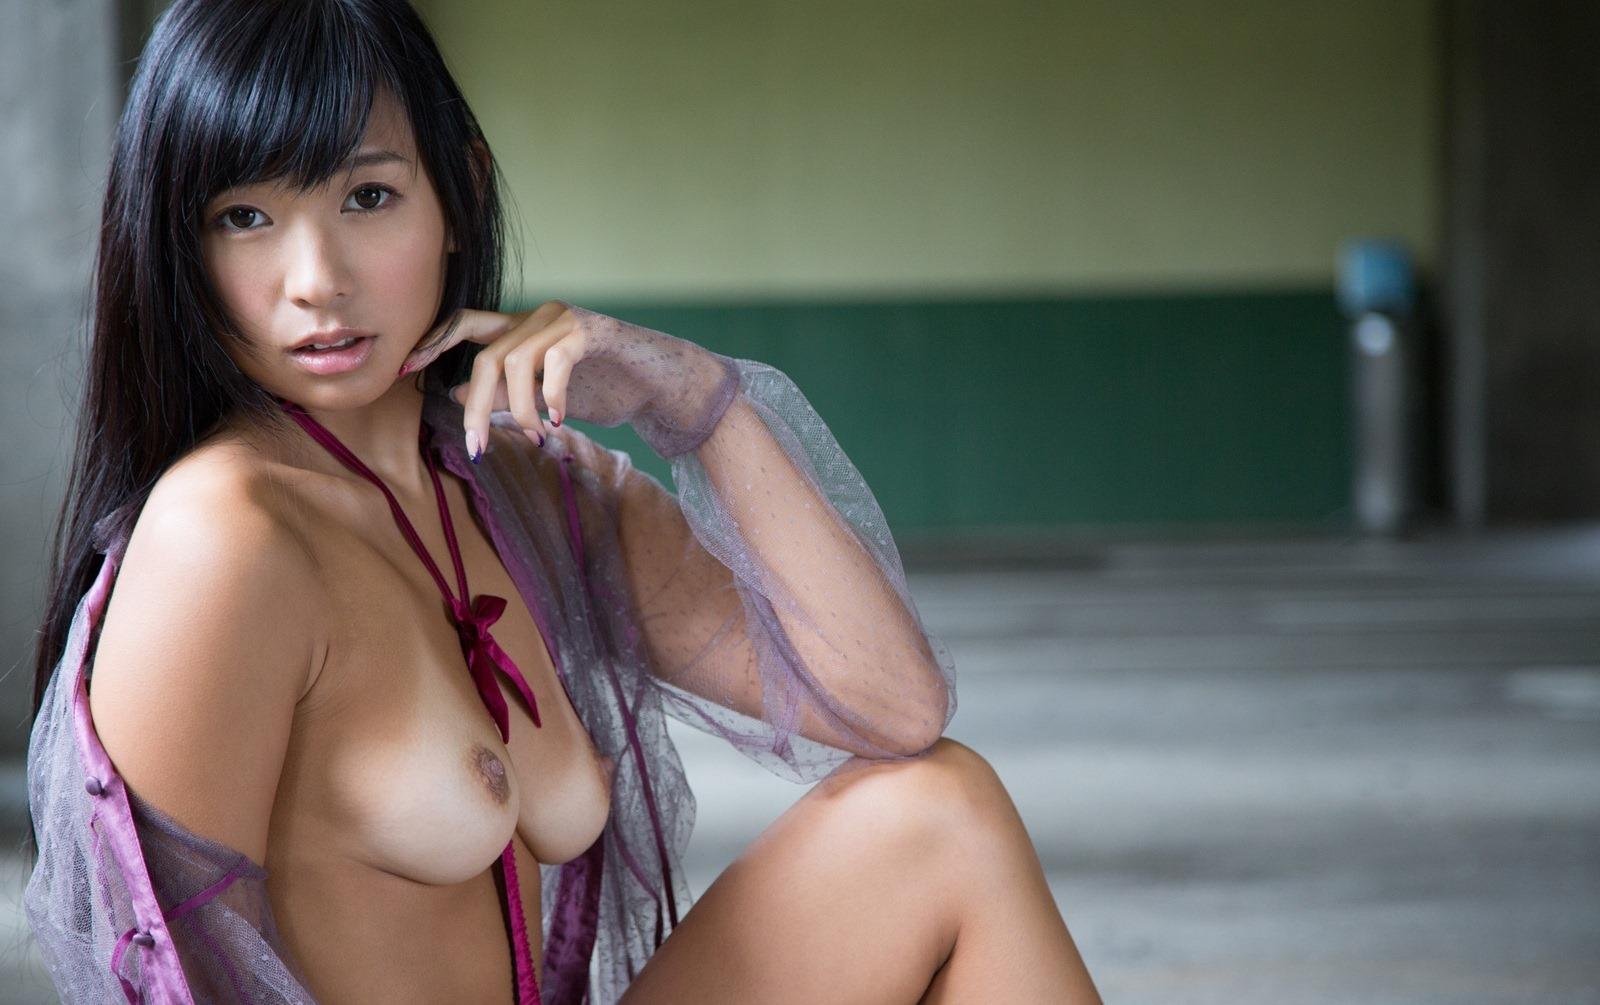 小倉奈々 画像 49